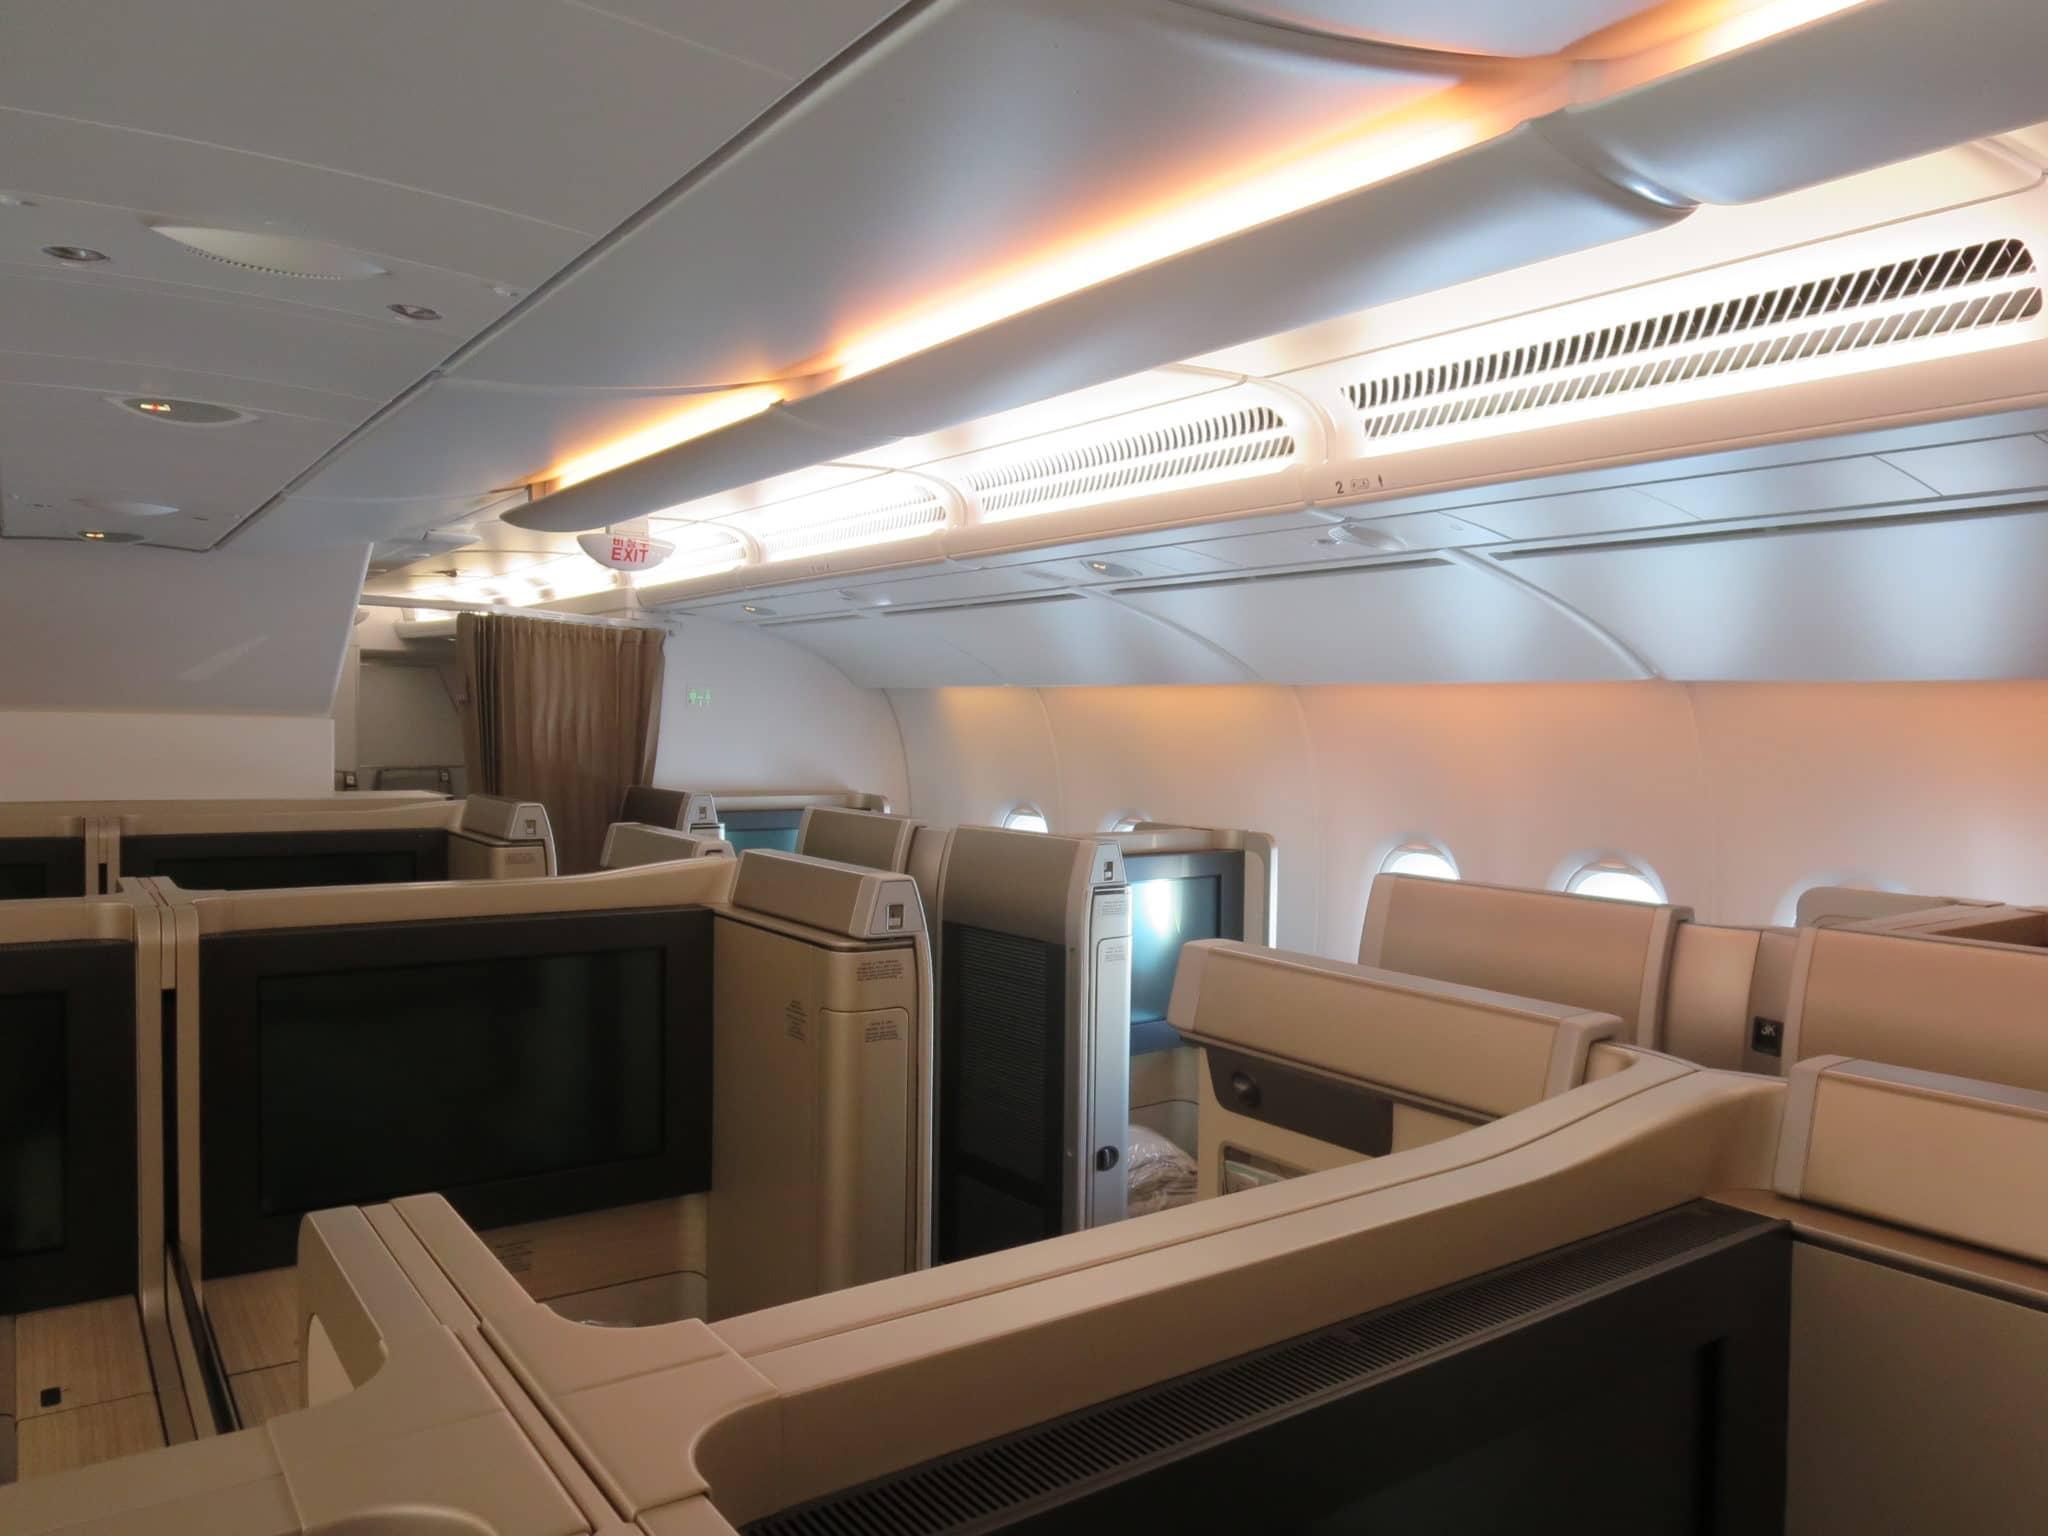 Asiana First Class A380 Kabine